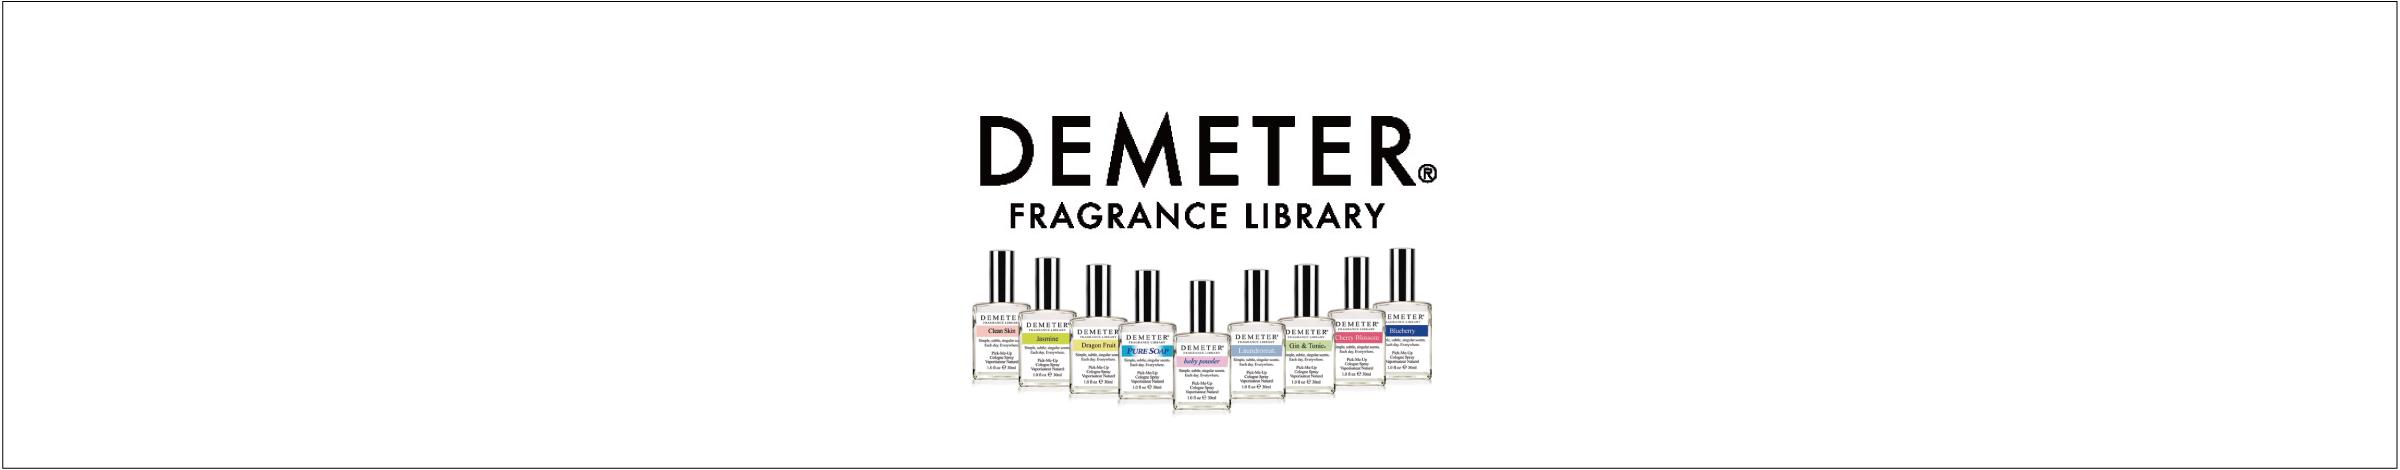 cellu-demeter-perfume-b.jpg